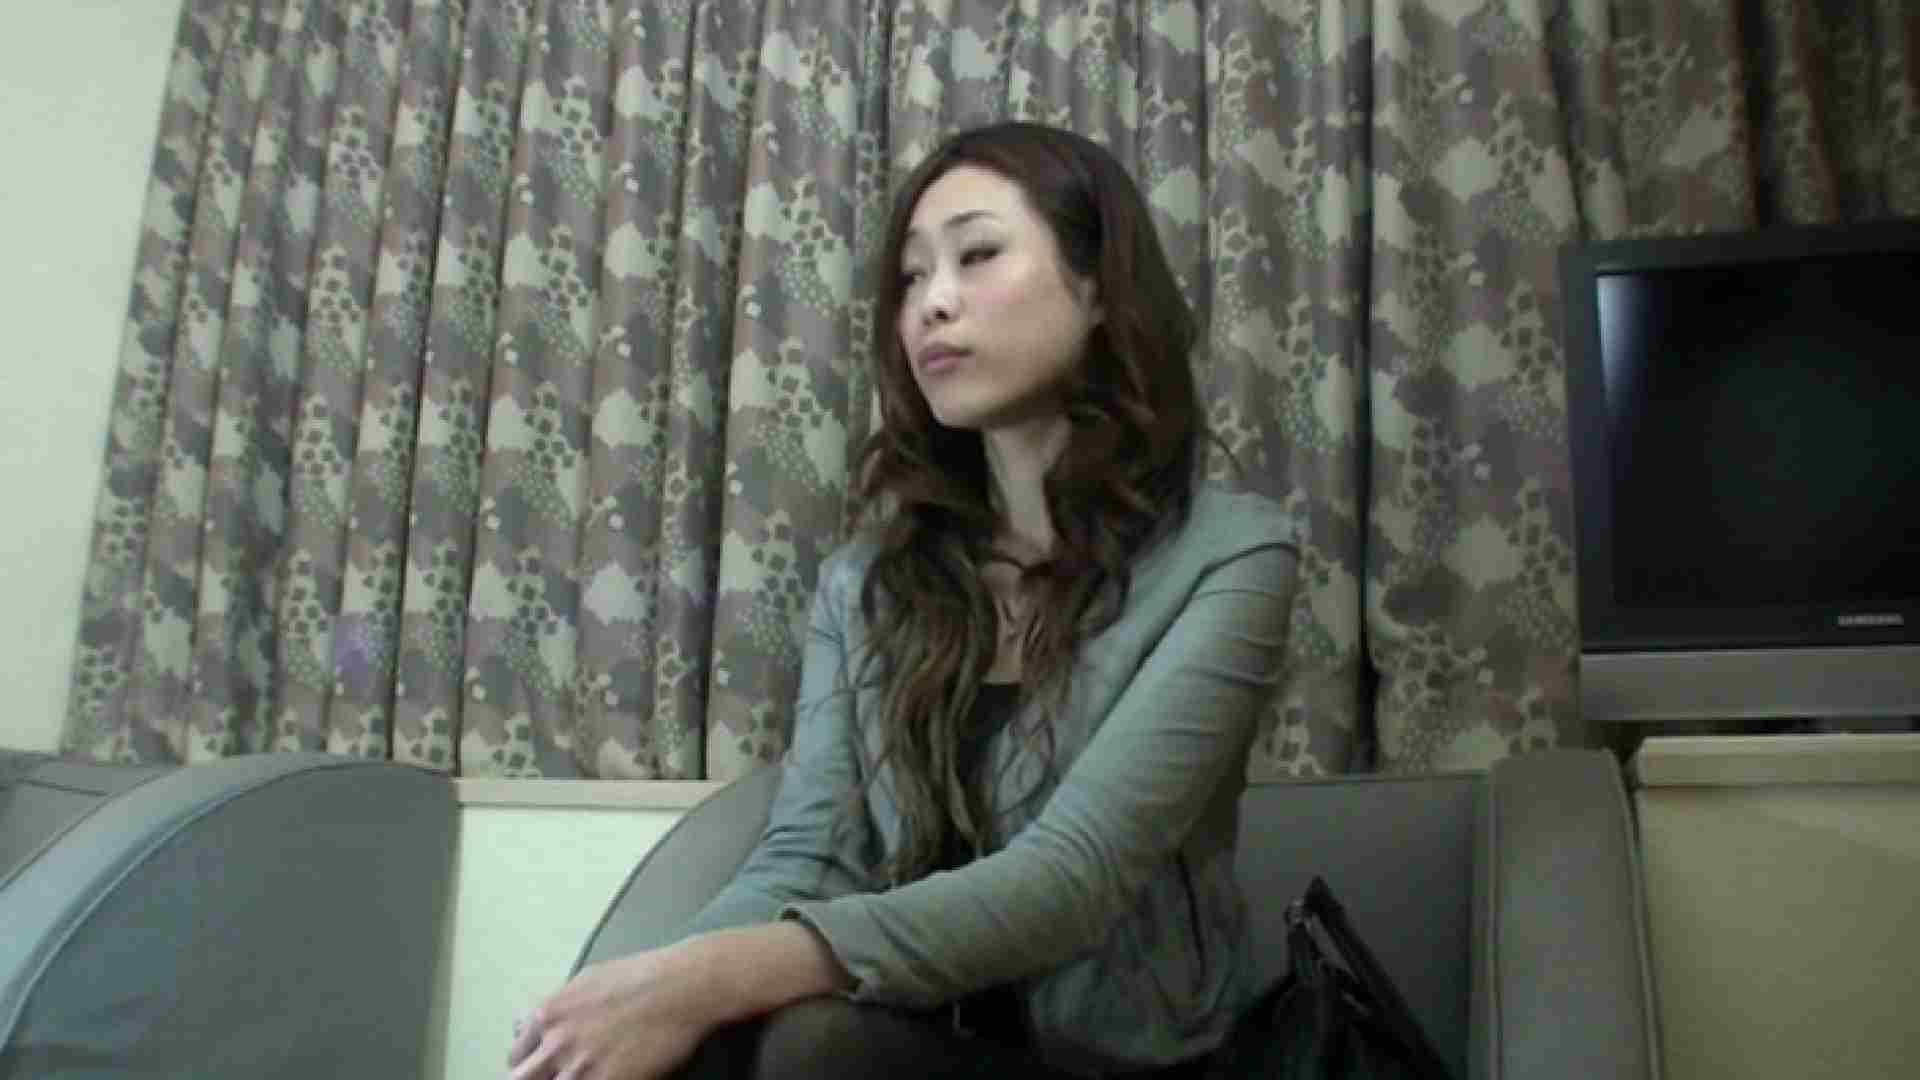 おしえてギャル子のH塾 Vol.34前編 無修正マンコ 濡れ場動画紹介 103連発 9